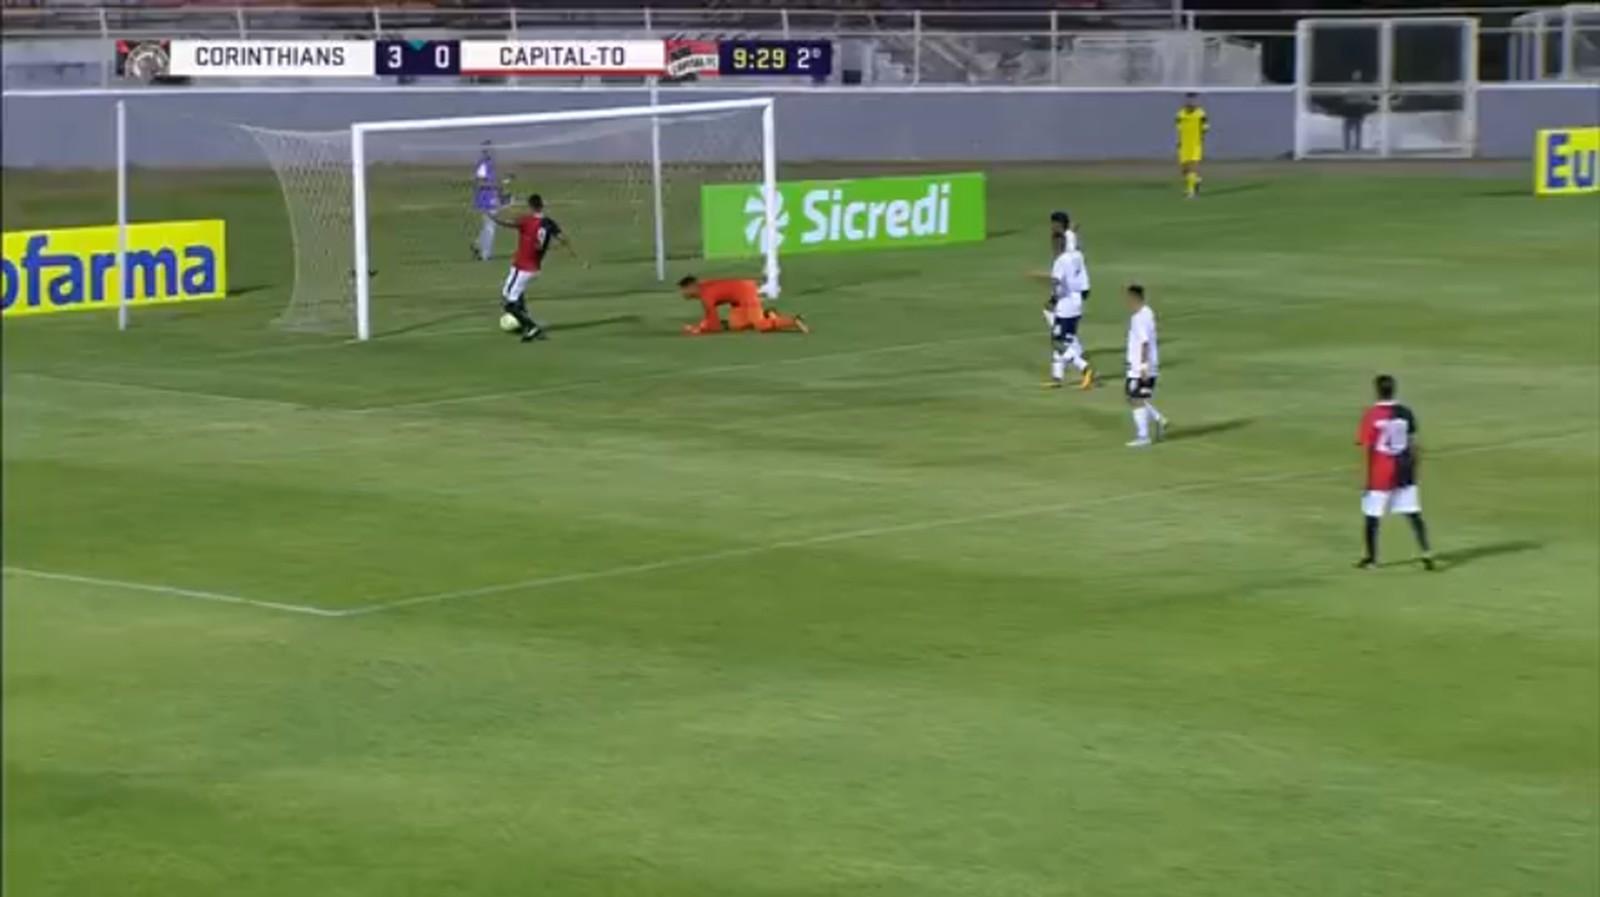 Corinthians abre vantagem, leva susto, mas vence o Capital FC em estreia na Copinha